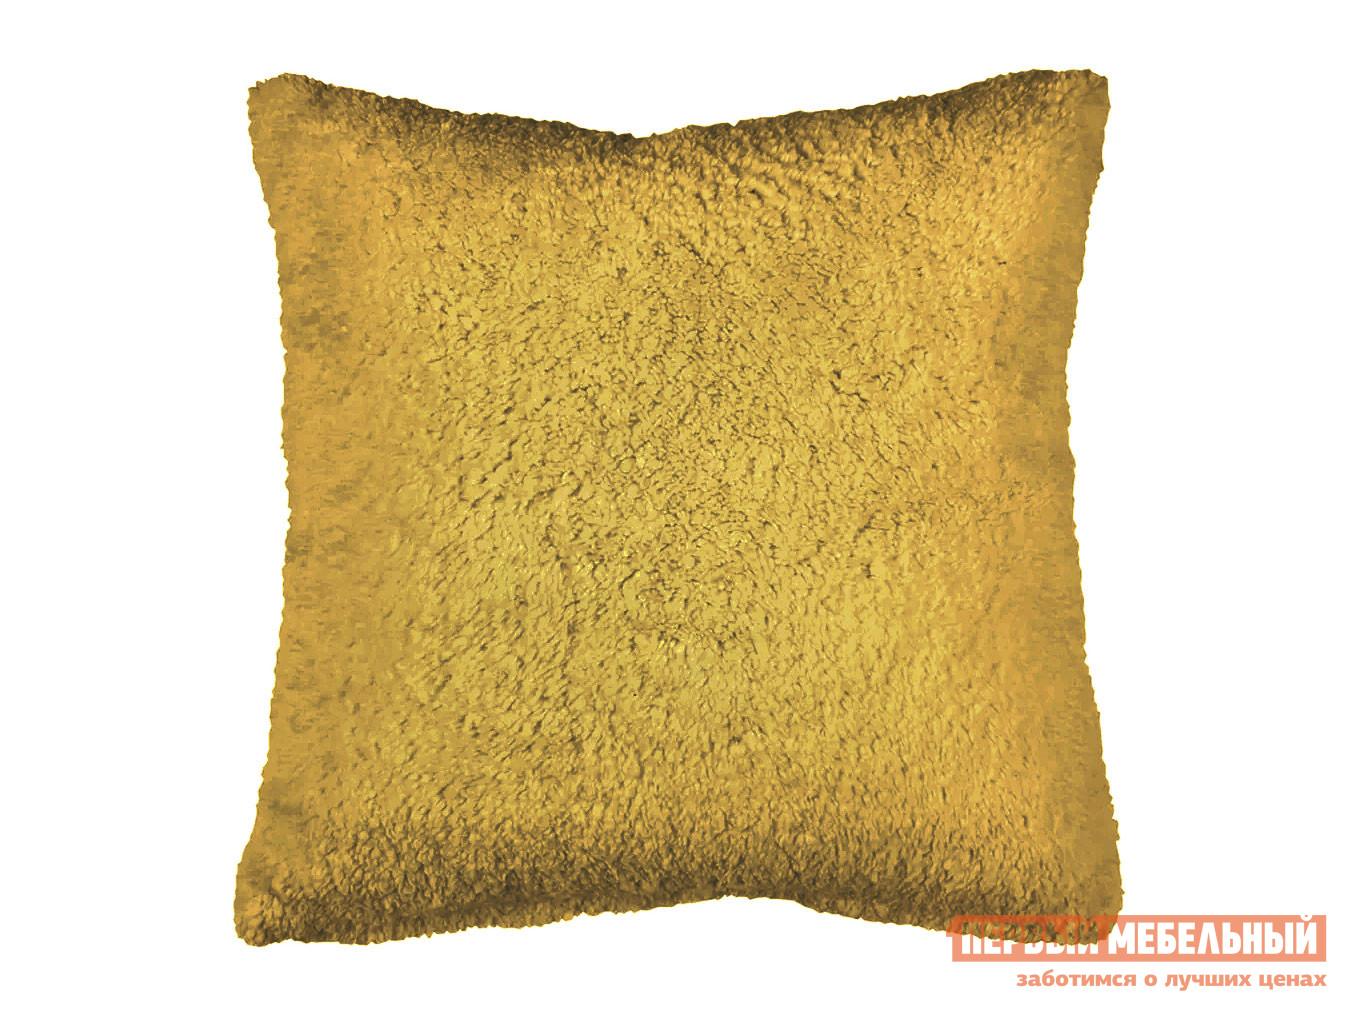 Декоративная подушка Первый Мебельный Подушка 40х40 декоративная шерпа